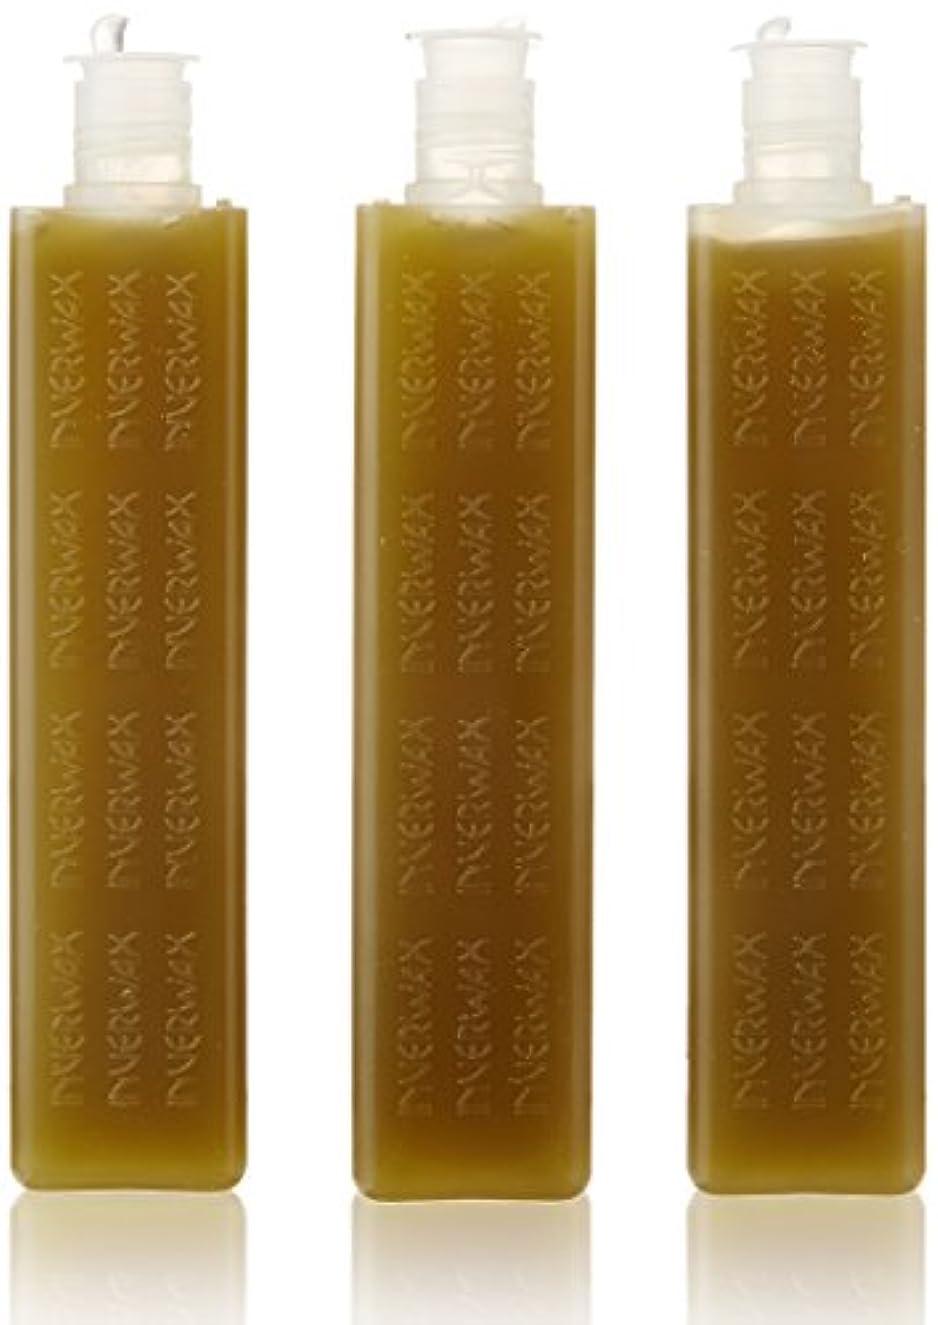 保守的結果として不快な(Medium Sensitive) - Clean+Easy Azulene Refill x3 - Medium